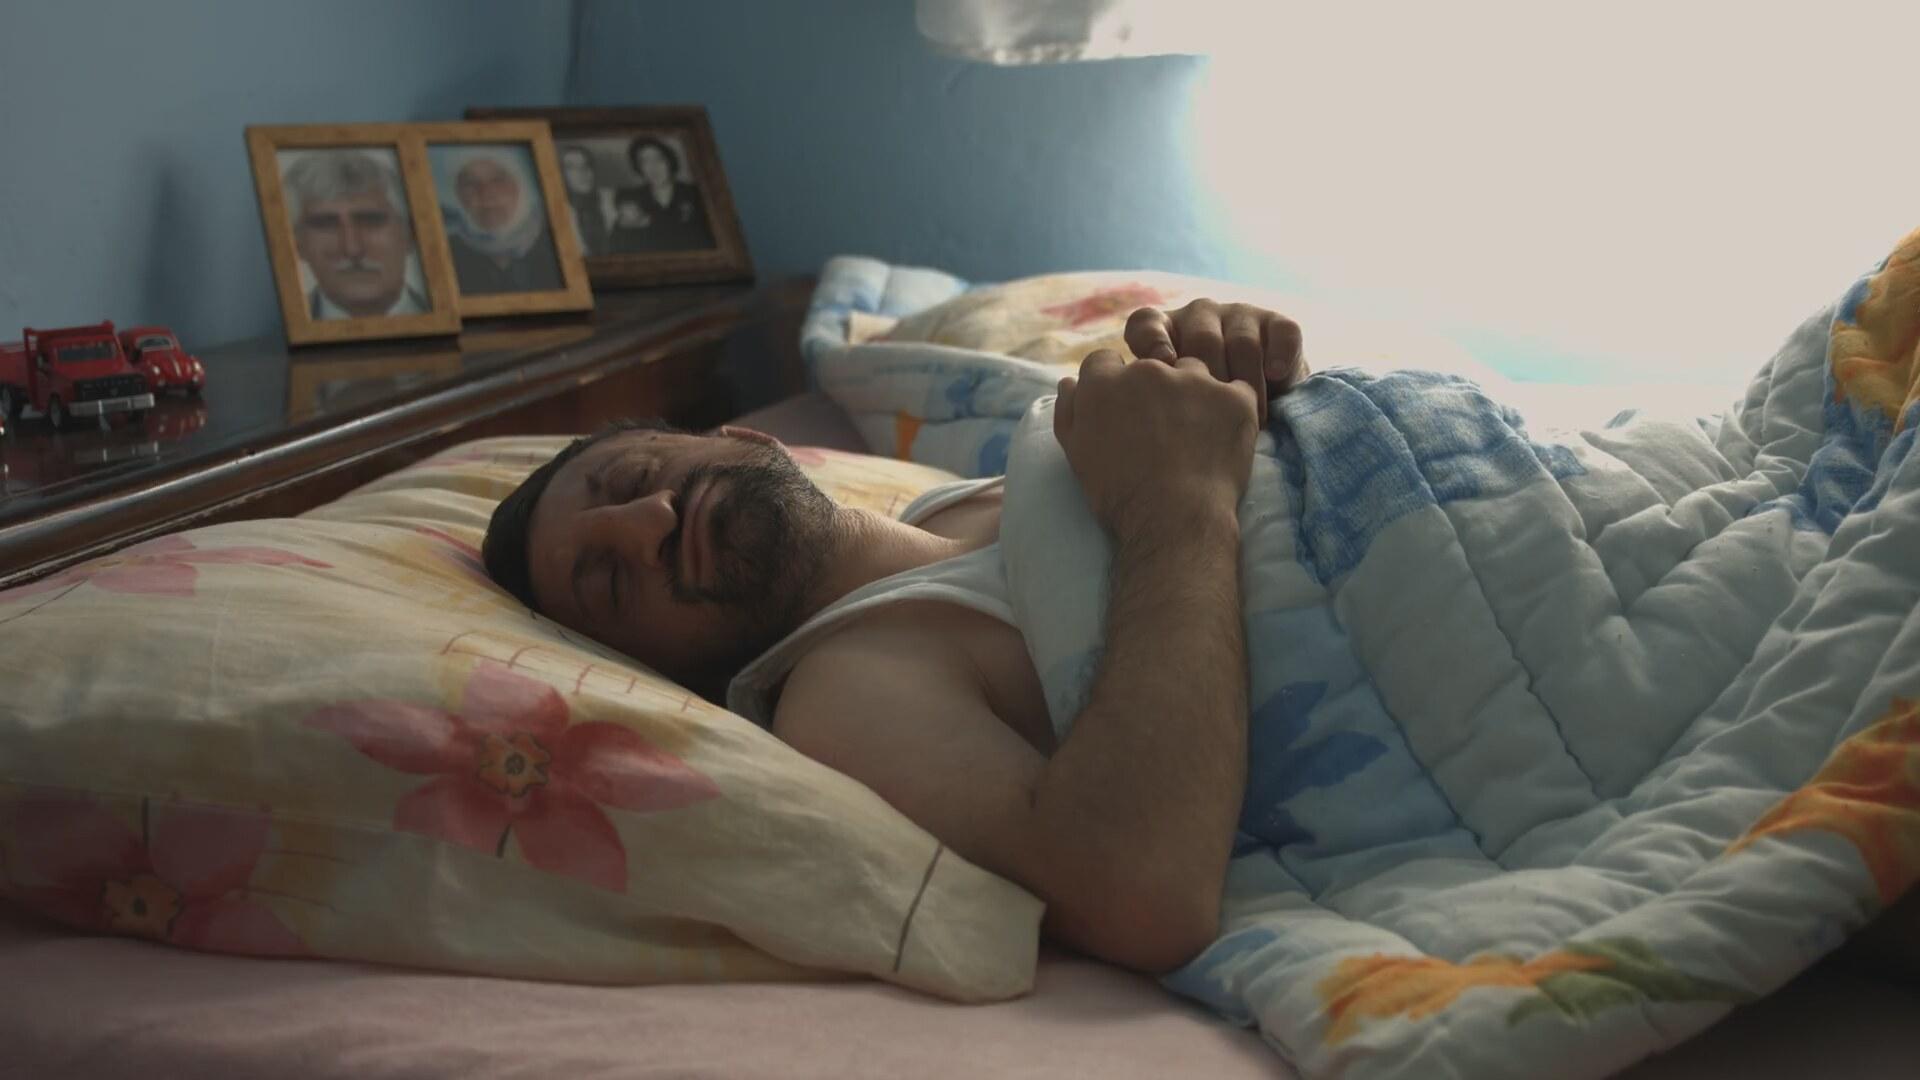 Köksal Baba Kırmızı Kamyonet Belgesel Film Tanıtımı